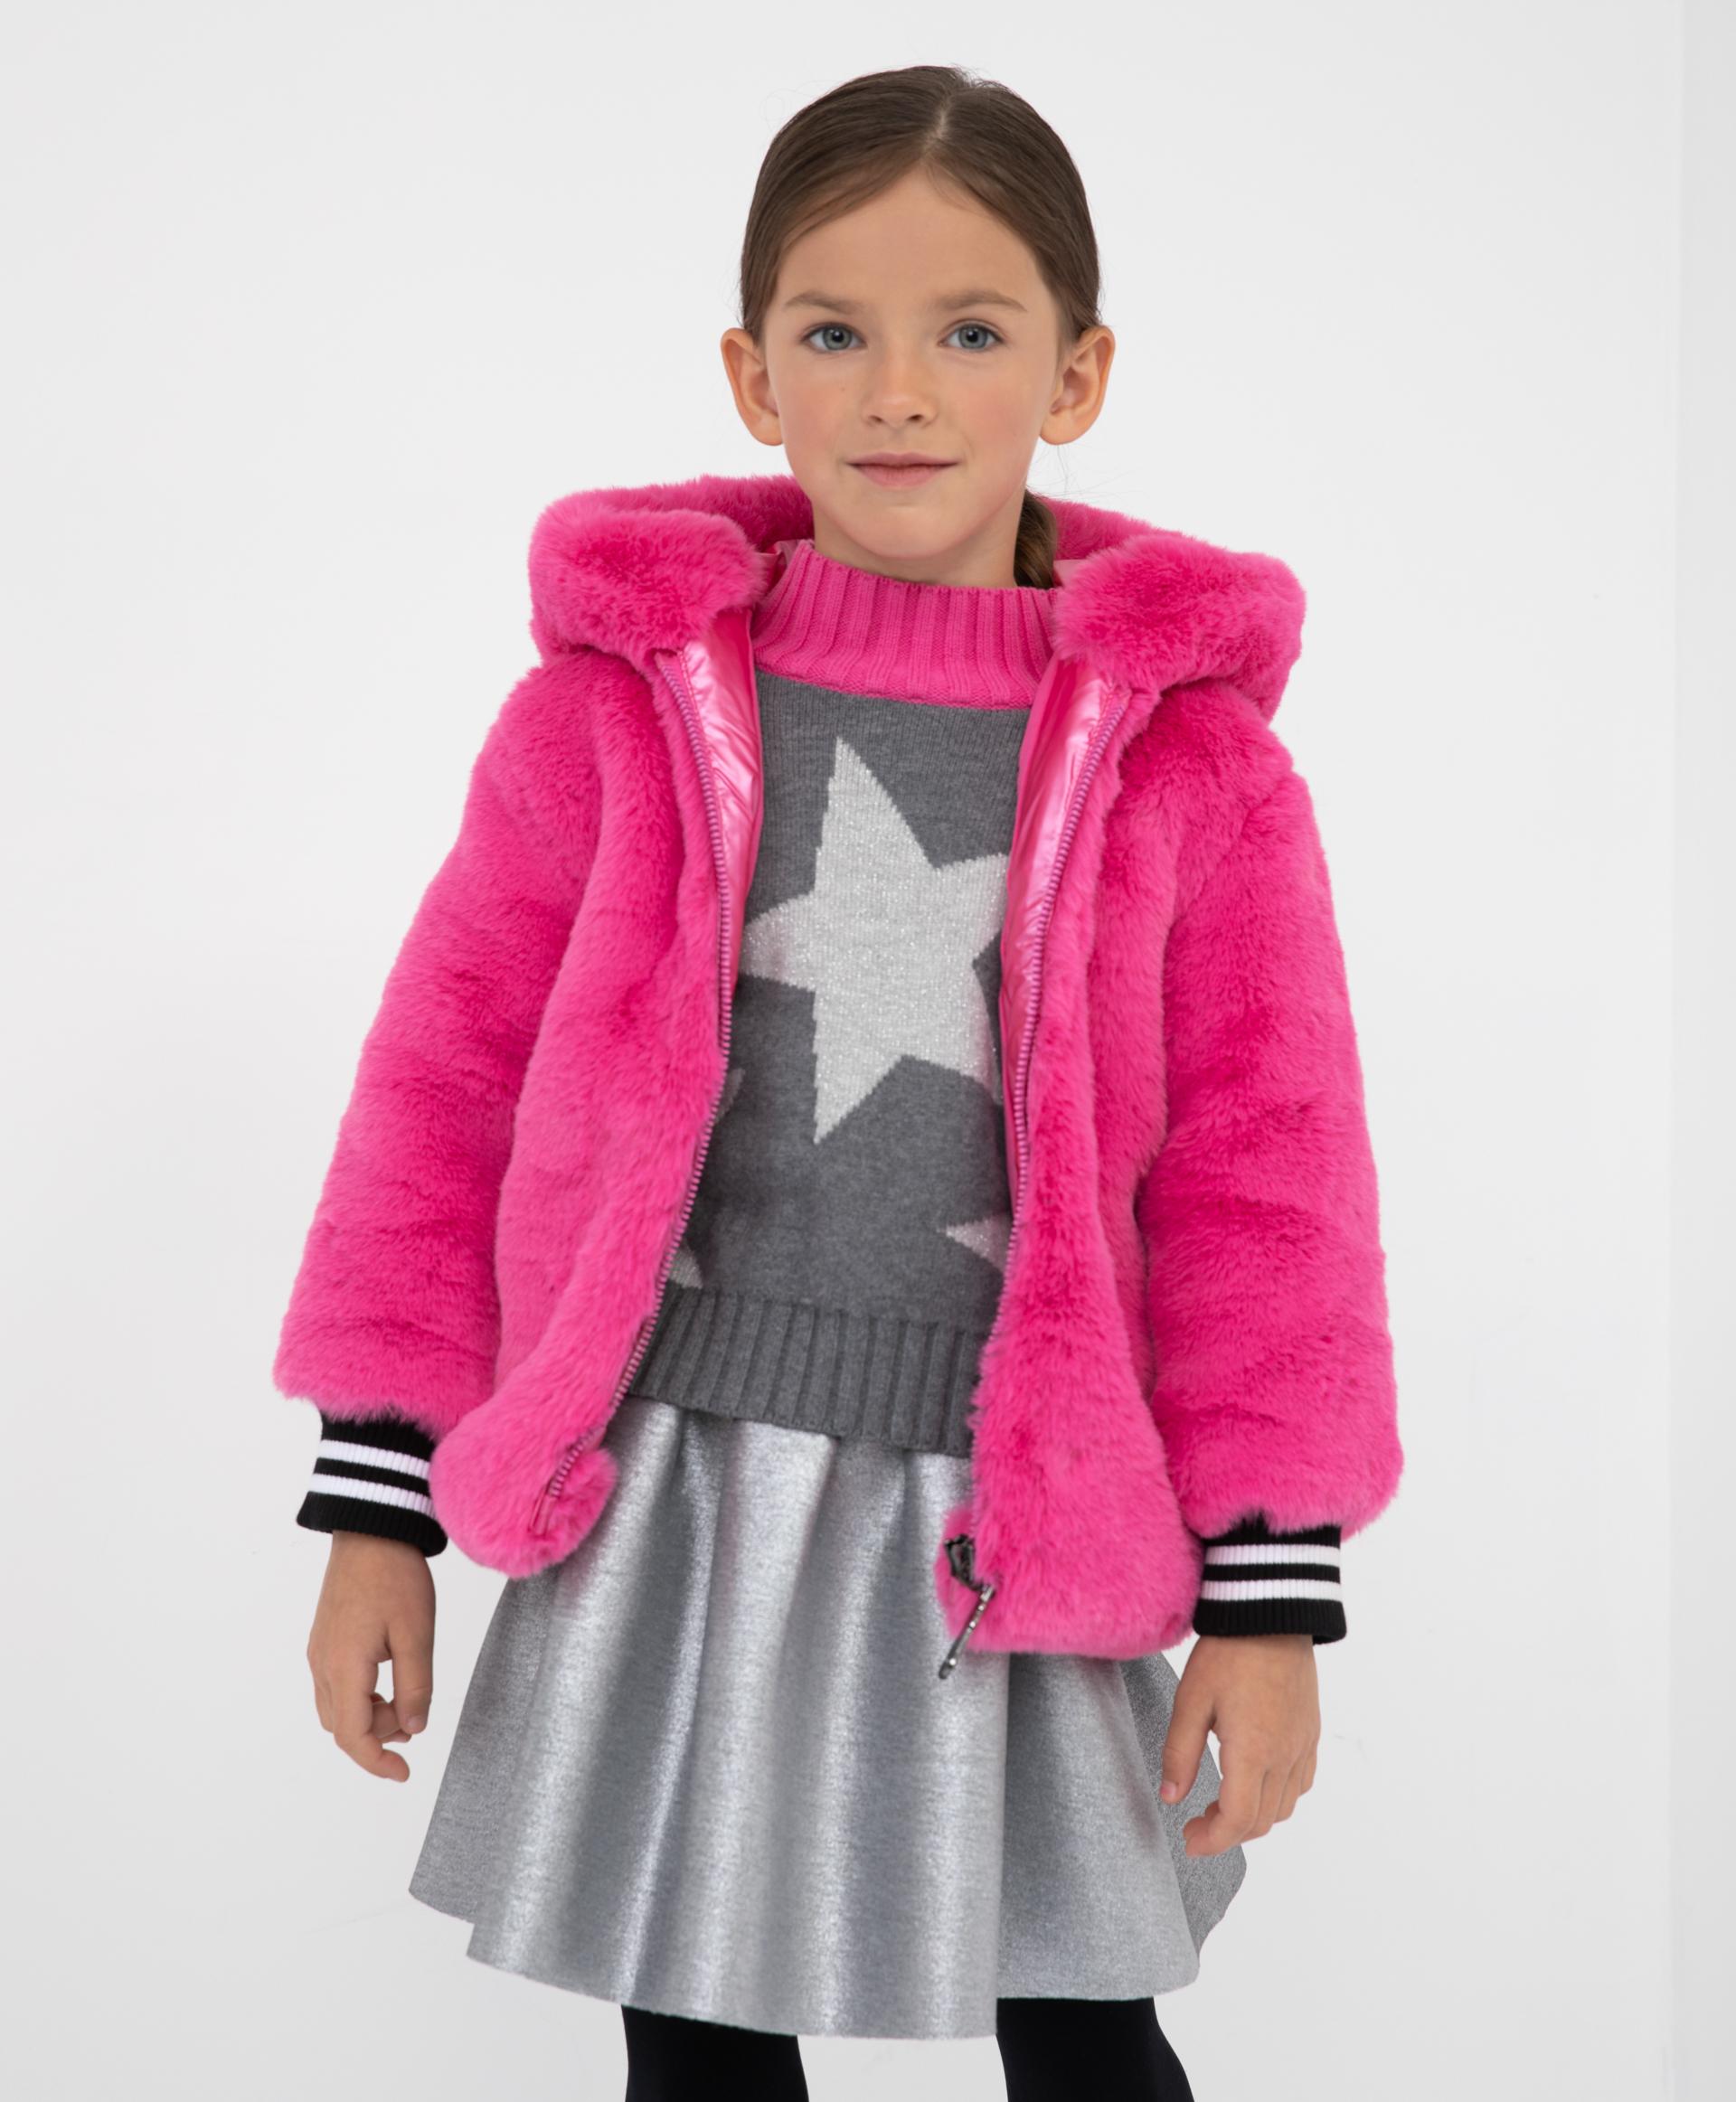 Купить 22003GMC4108, Куртка демисезонная с капюшоном Gulliver, розовый, 128, Полиэстер, Женский, Демисезон, ОСЕНЬ/ЗИМА 2021-2022 (shop: GulliverMarket Gulliver Market)